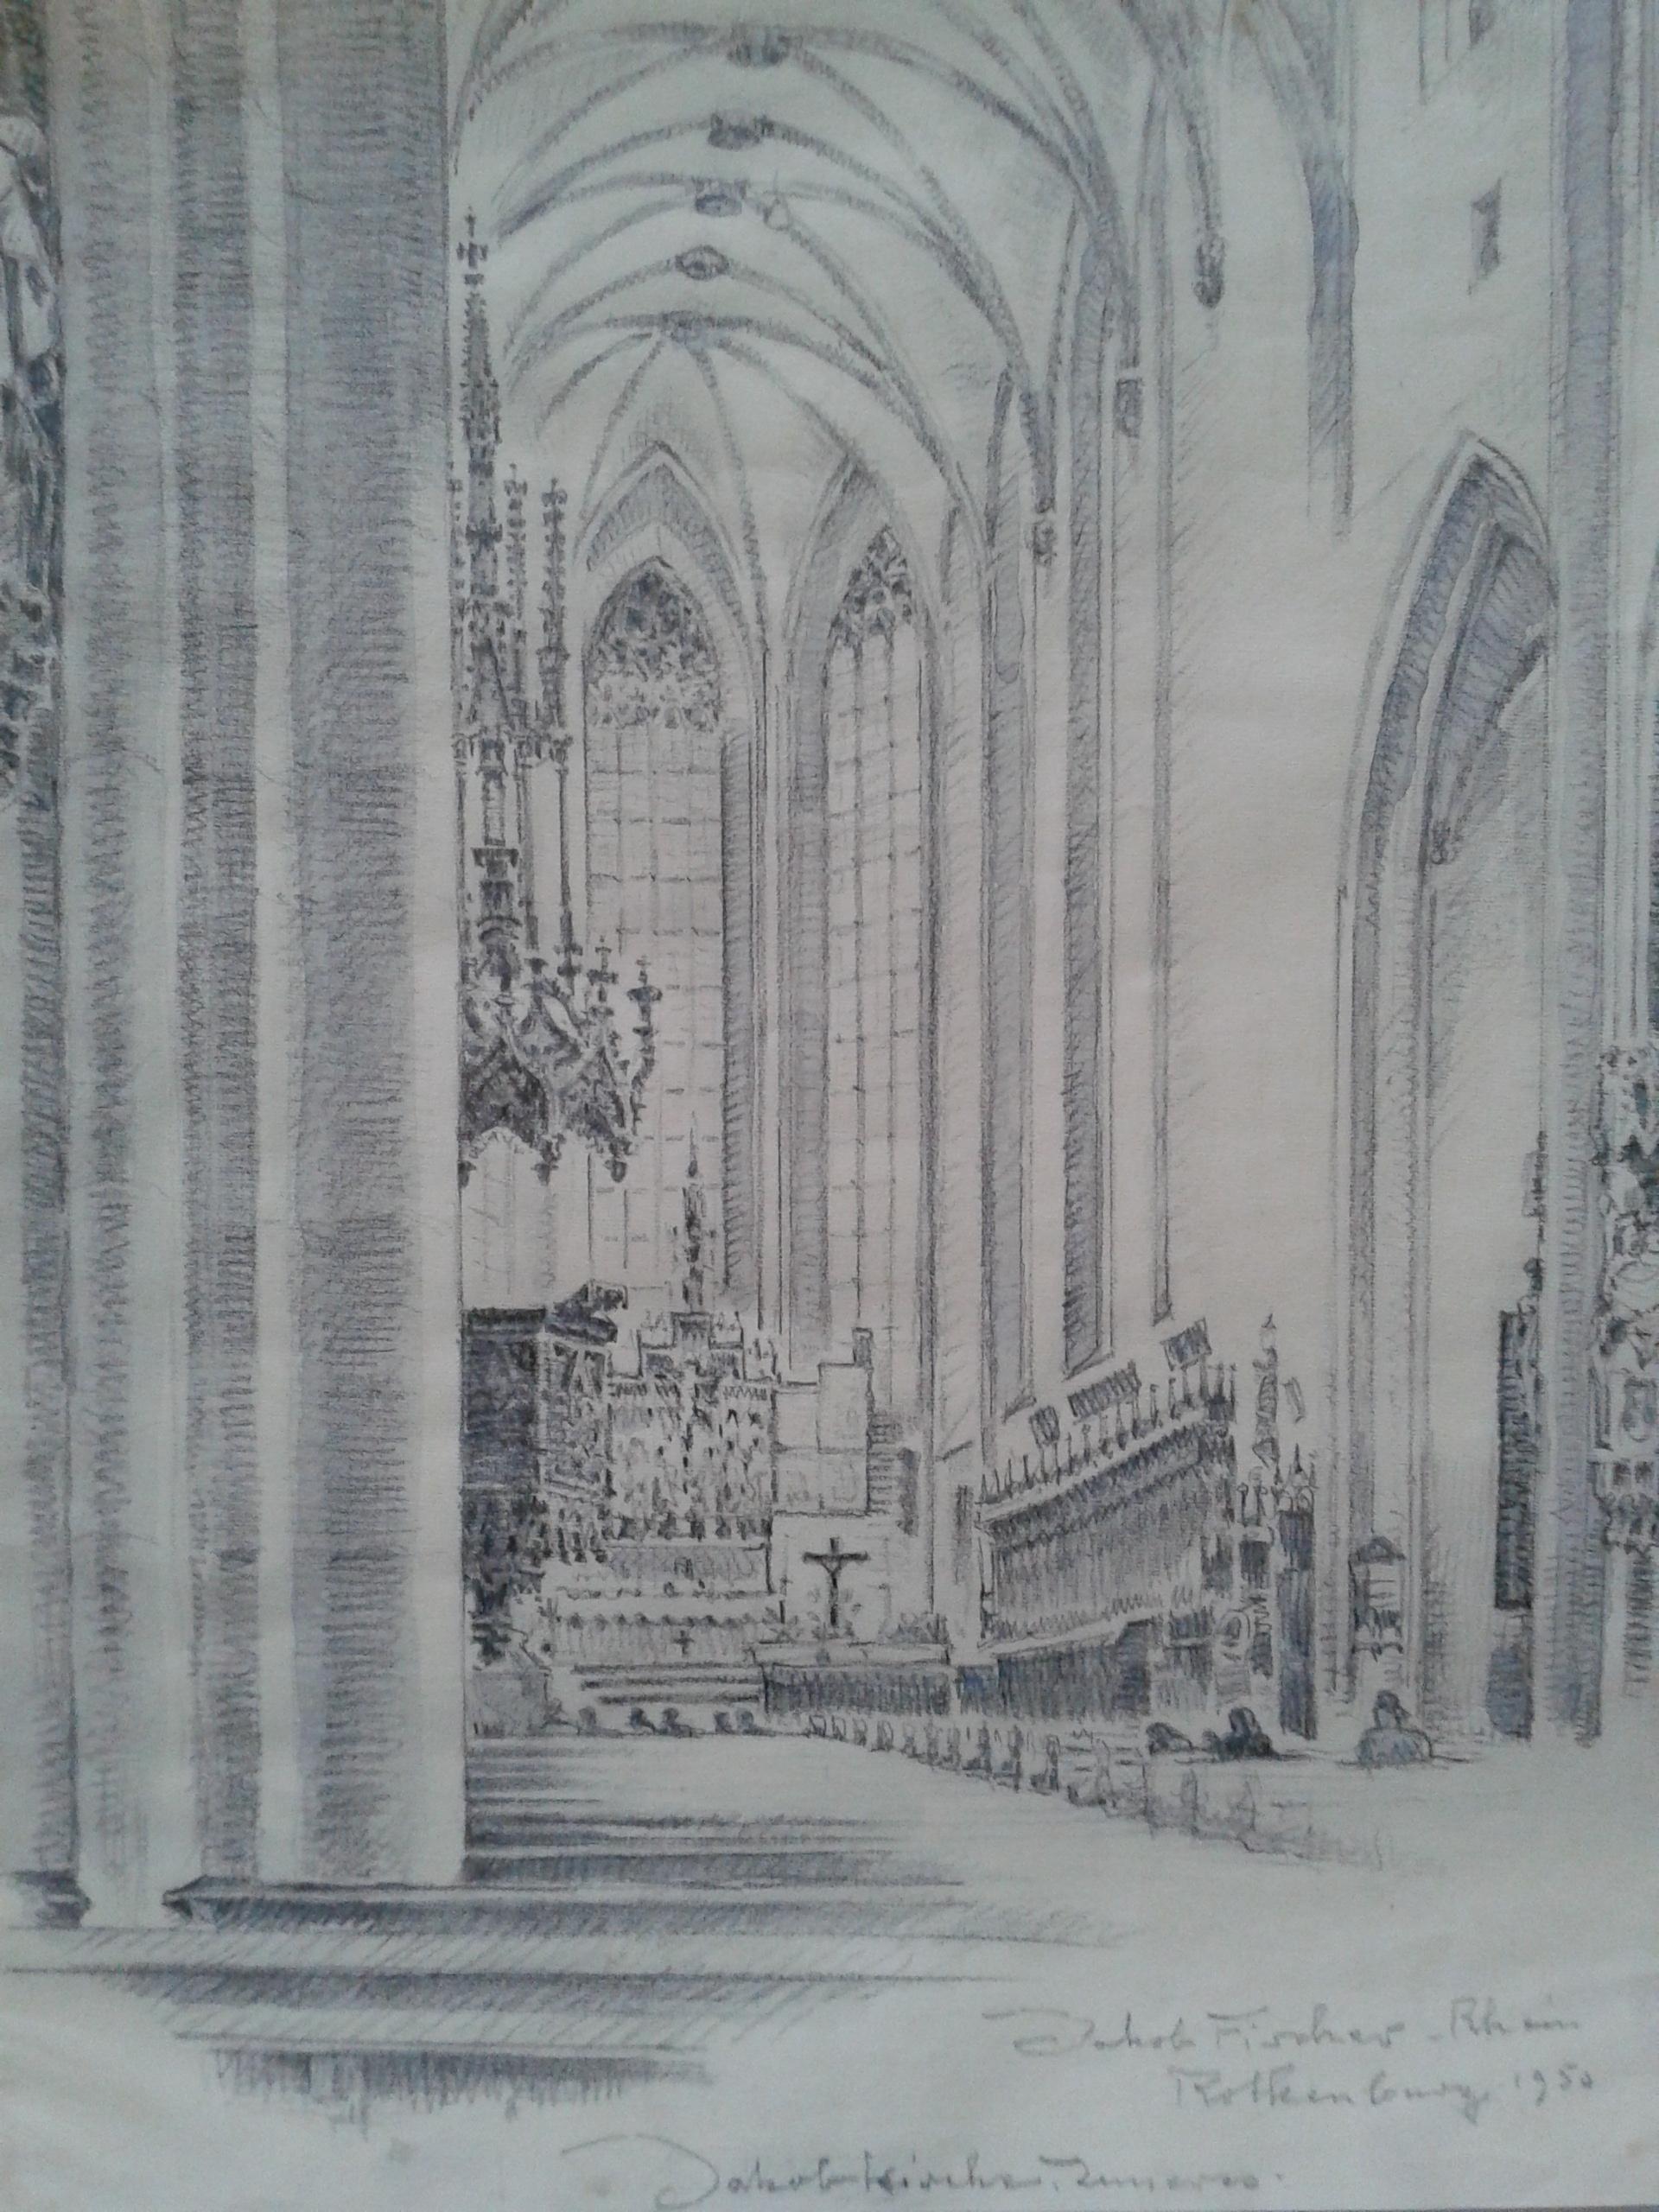 Jakobskirche, Rothenburg ob der Tauber, 1950, für vergrößerte Ansicht anklicken!